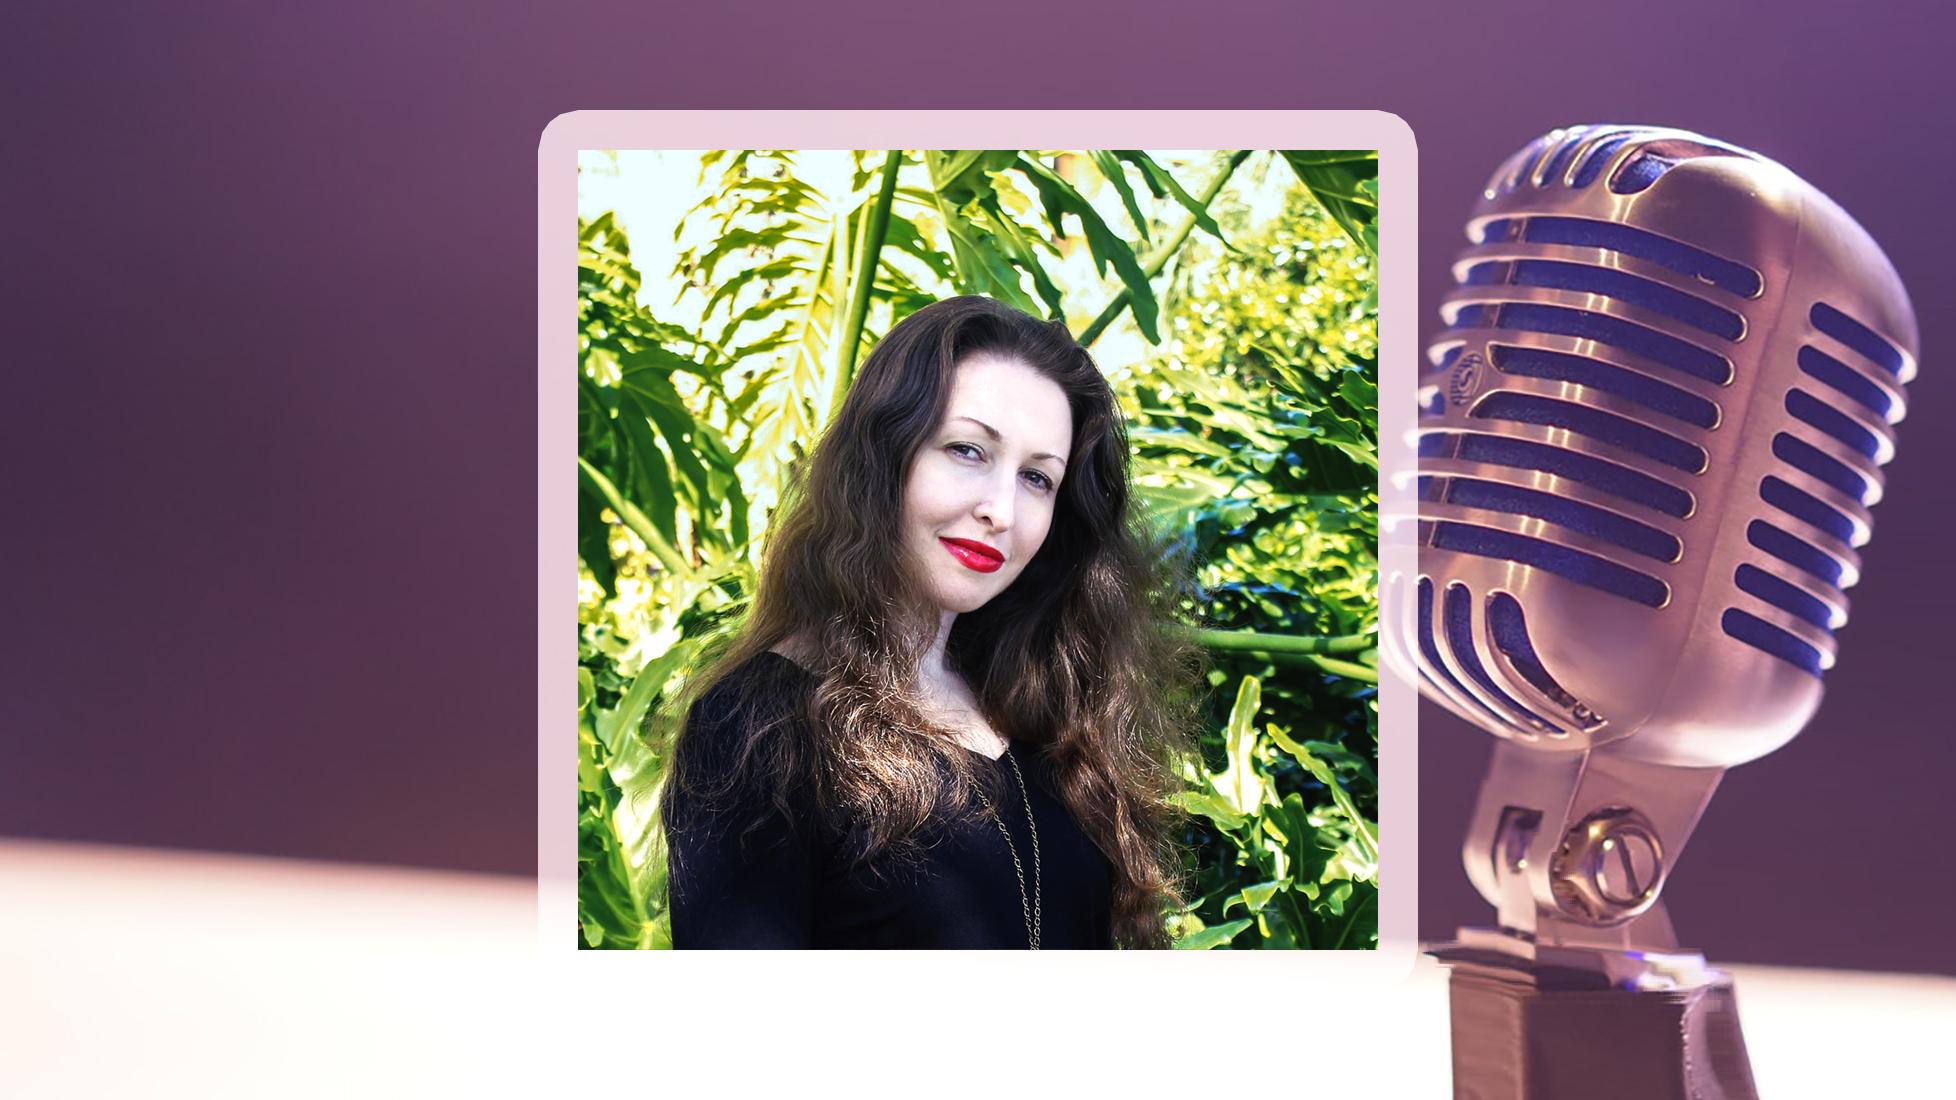 Podcast image of Ilana C. Myer